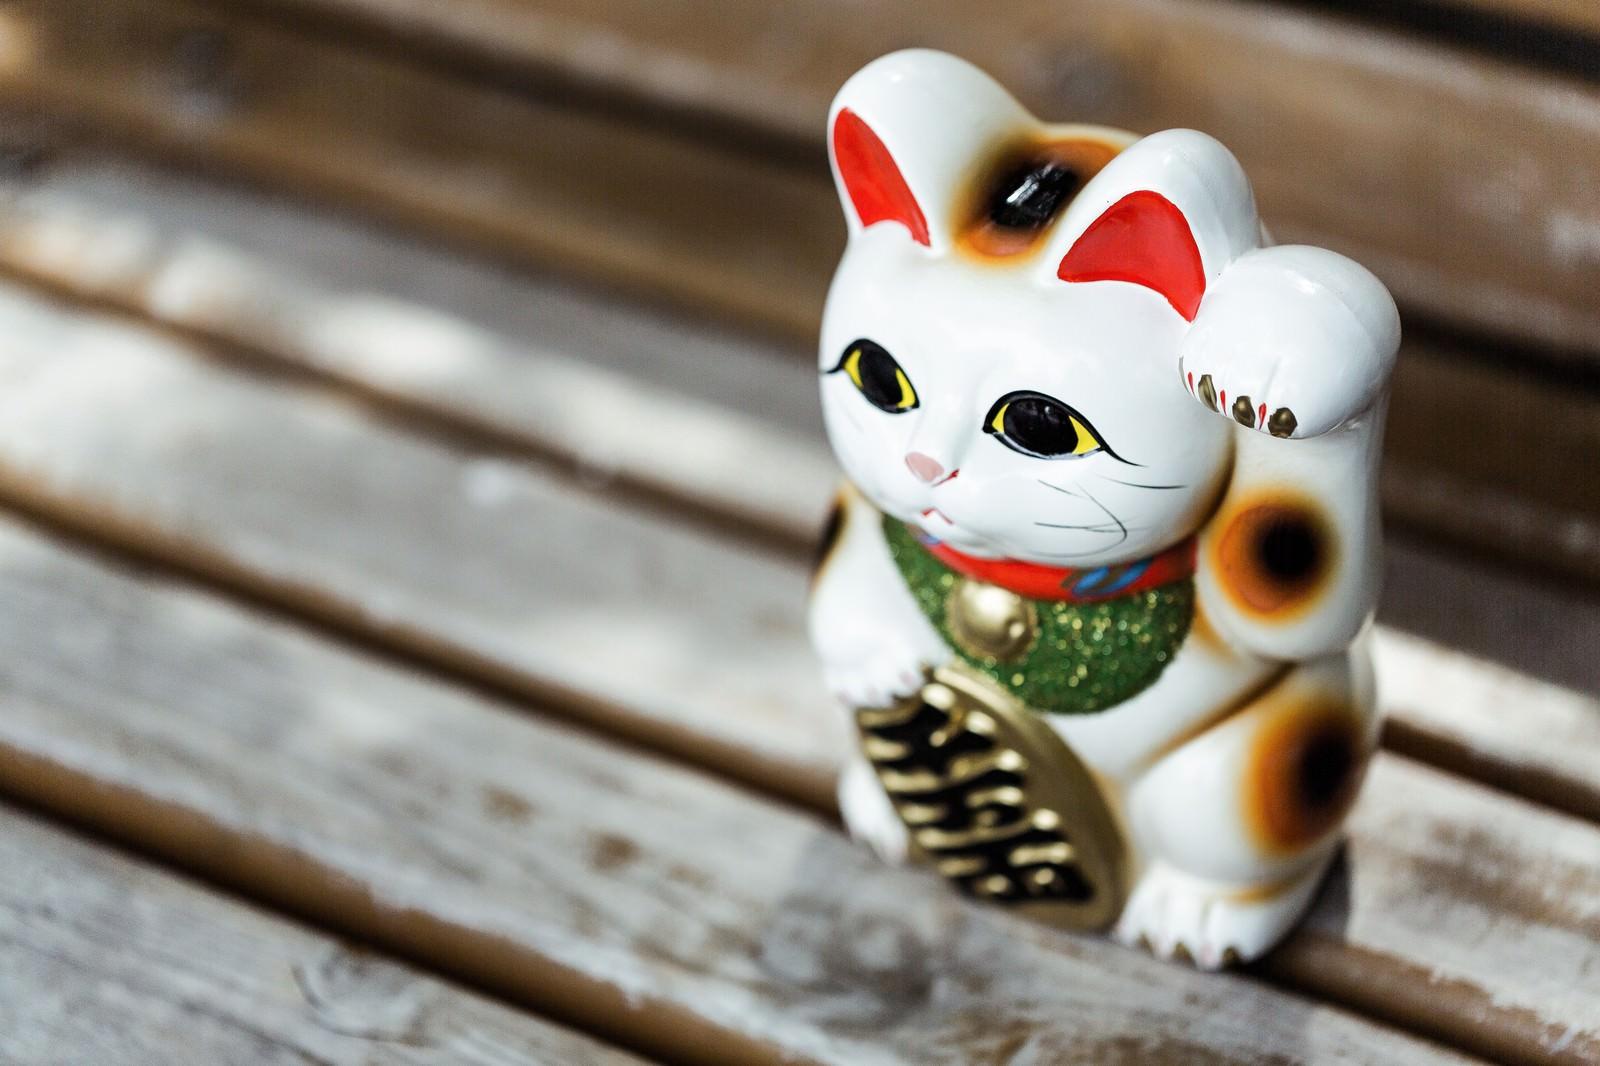 「招き猫 フリー素材」の画像検索結果